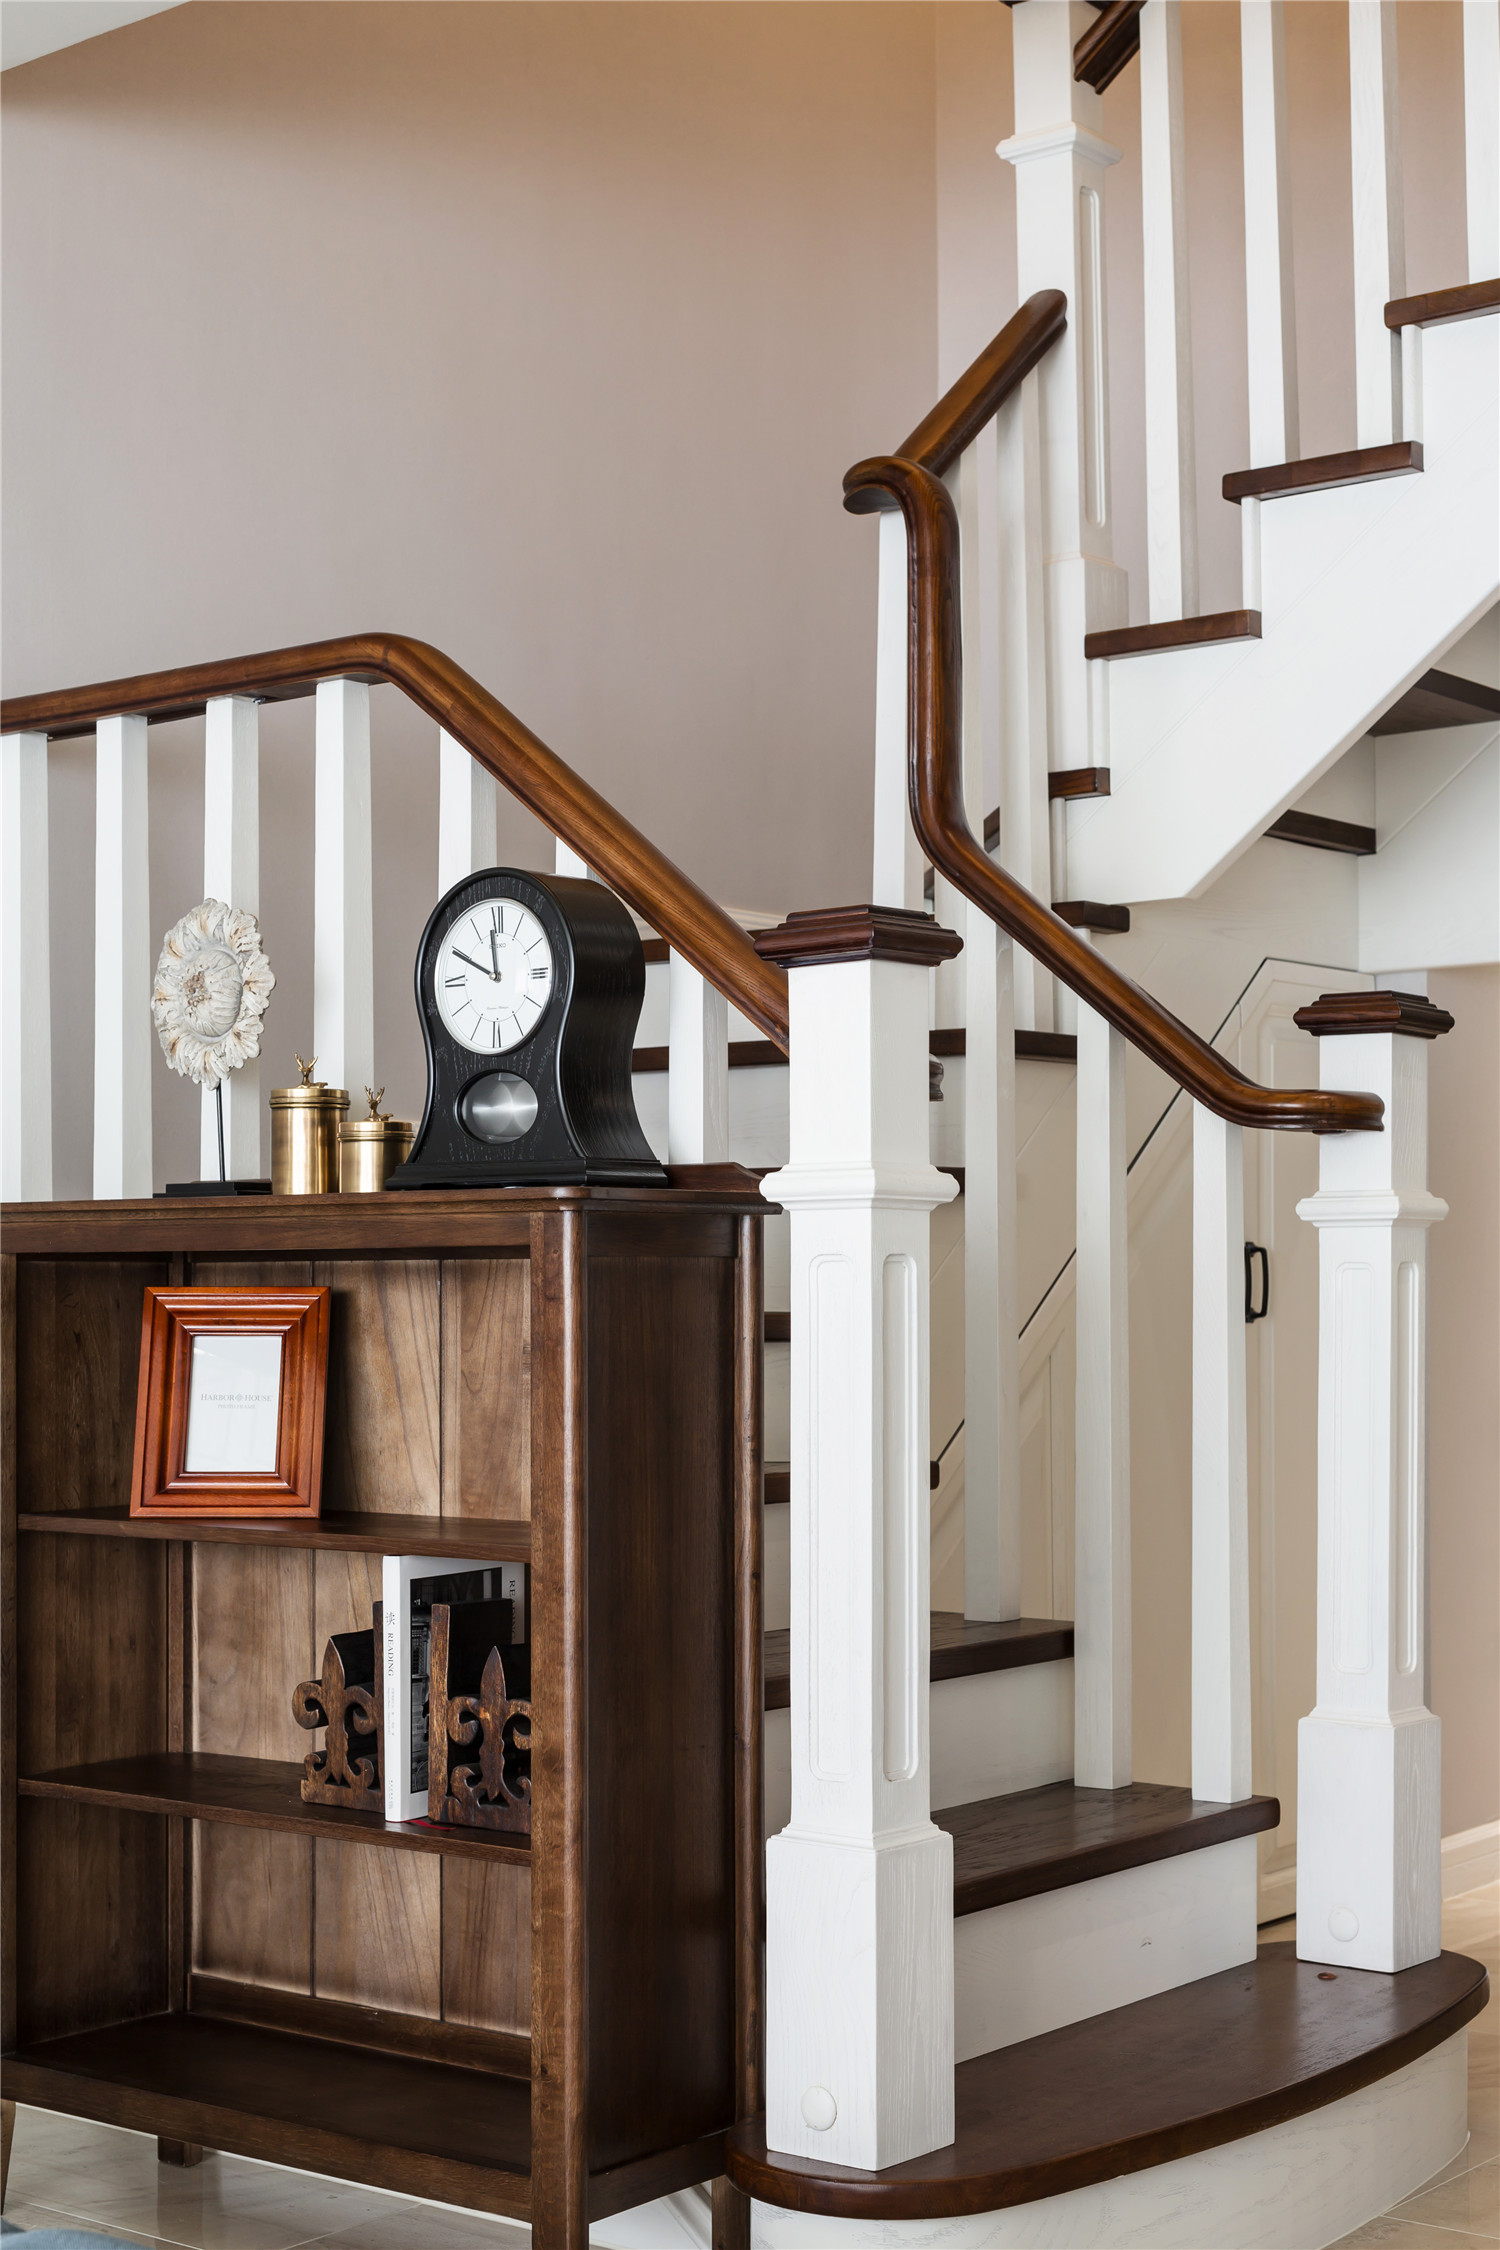 现在不少年轻人在置业时偏爱复式楼,这里住宅不仅总价不高,而且空间较大,完全满足他们日常居住的需要。复式楼一般有上下两层的结构,上下层之间采用楼梯相连。螺旋楼梯就是很常见的楼梯样式,这类楼梯不仅非常节省空间,而且十分的美观。那么螺旋楼梯价格要多少呢?哪些因素影响了螺旋楼梯价格呢?下面小编将就这些问题和大家做个分享,期待可以帮助到大家。